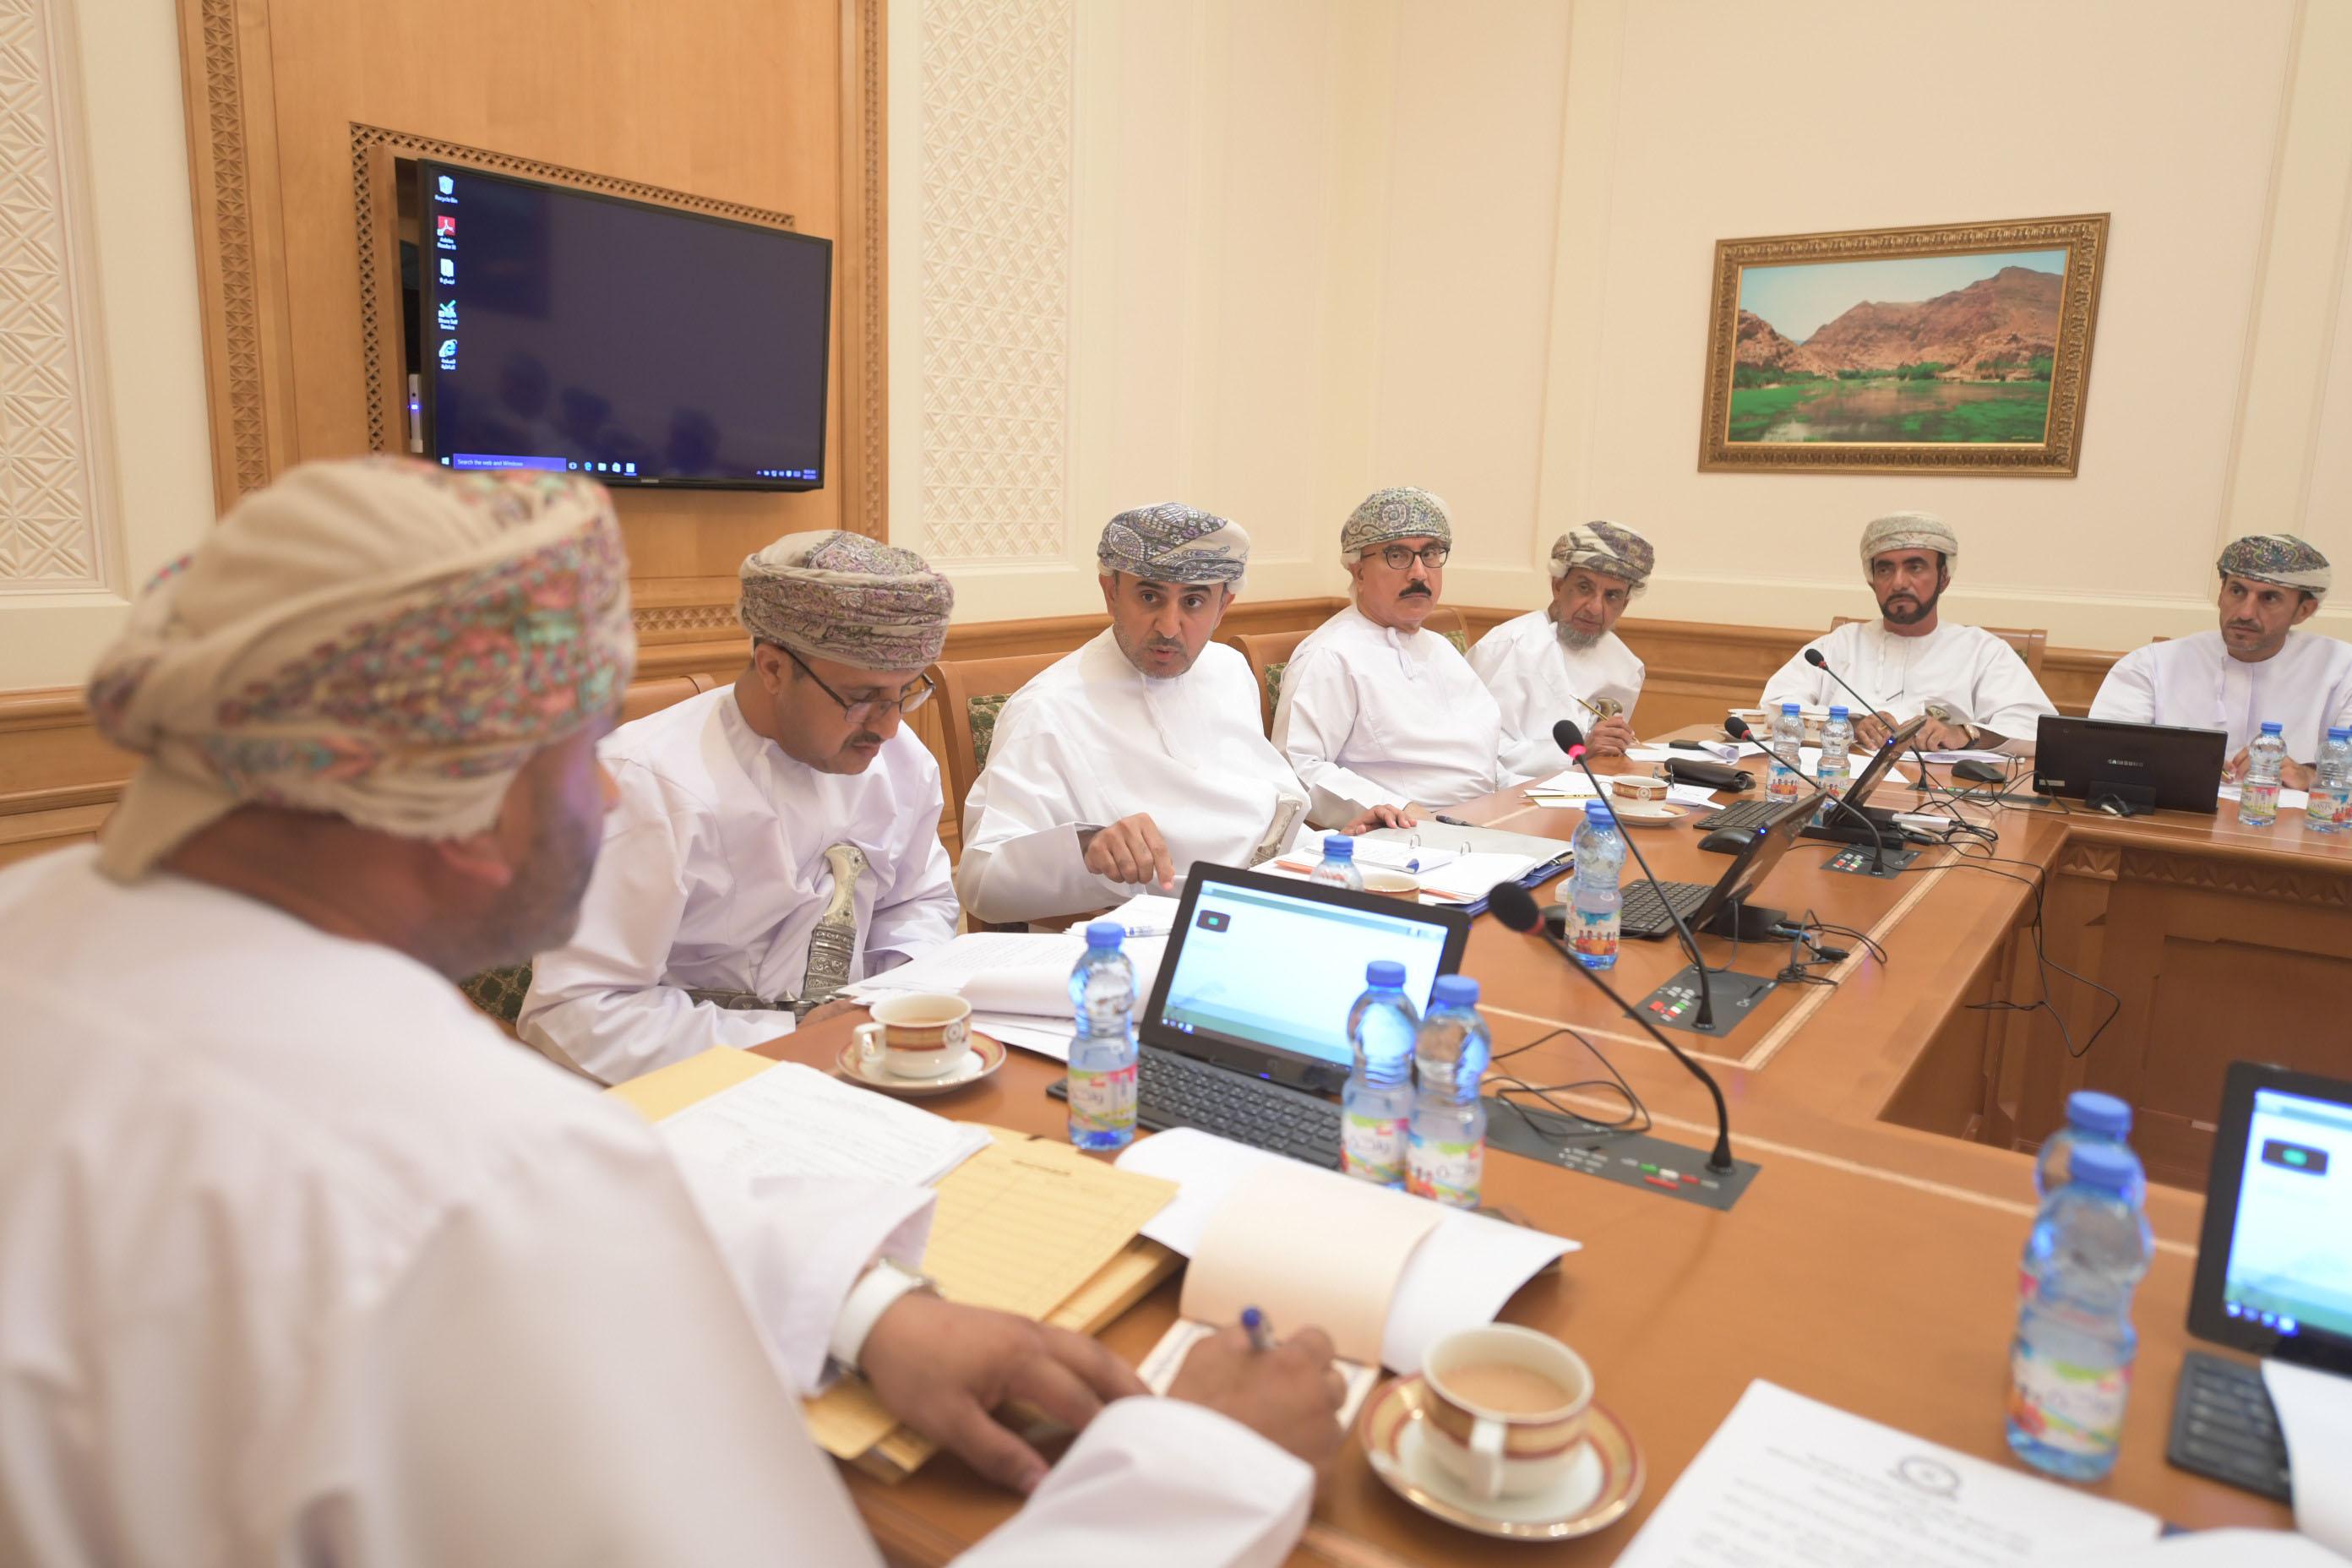 لجنة الخدمات بالشورى تناقش تصاريح حفر الآبار في الأراضي الزراعية